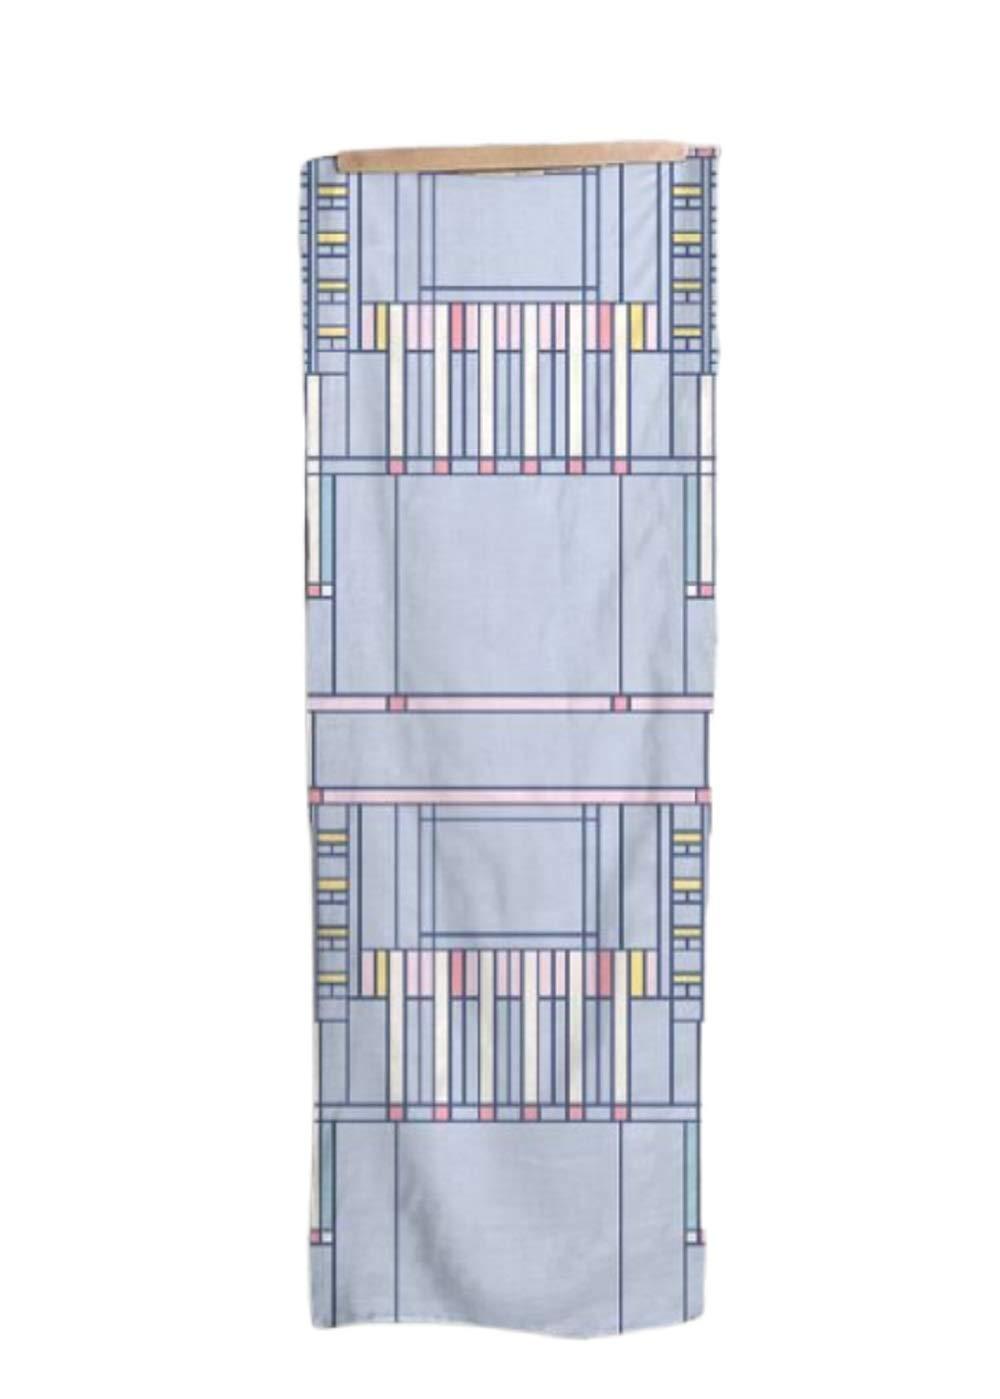 VIDA Powder Blue Modal Scarf (1955 Textile Design) 28'' × 78'' | Original Artwork by Frank Lloyd Wright